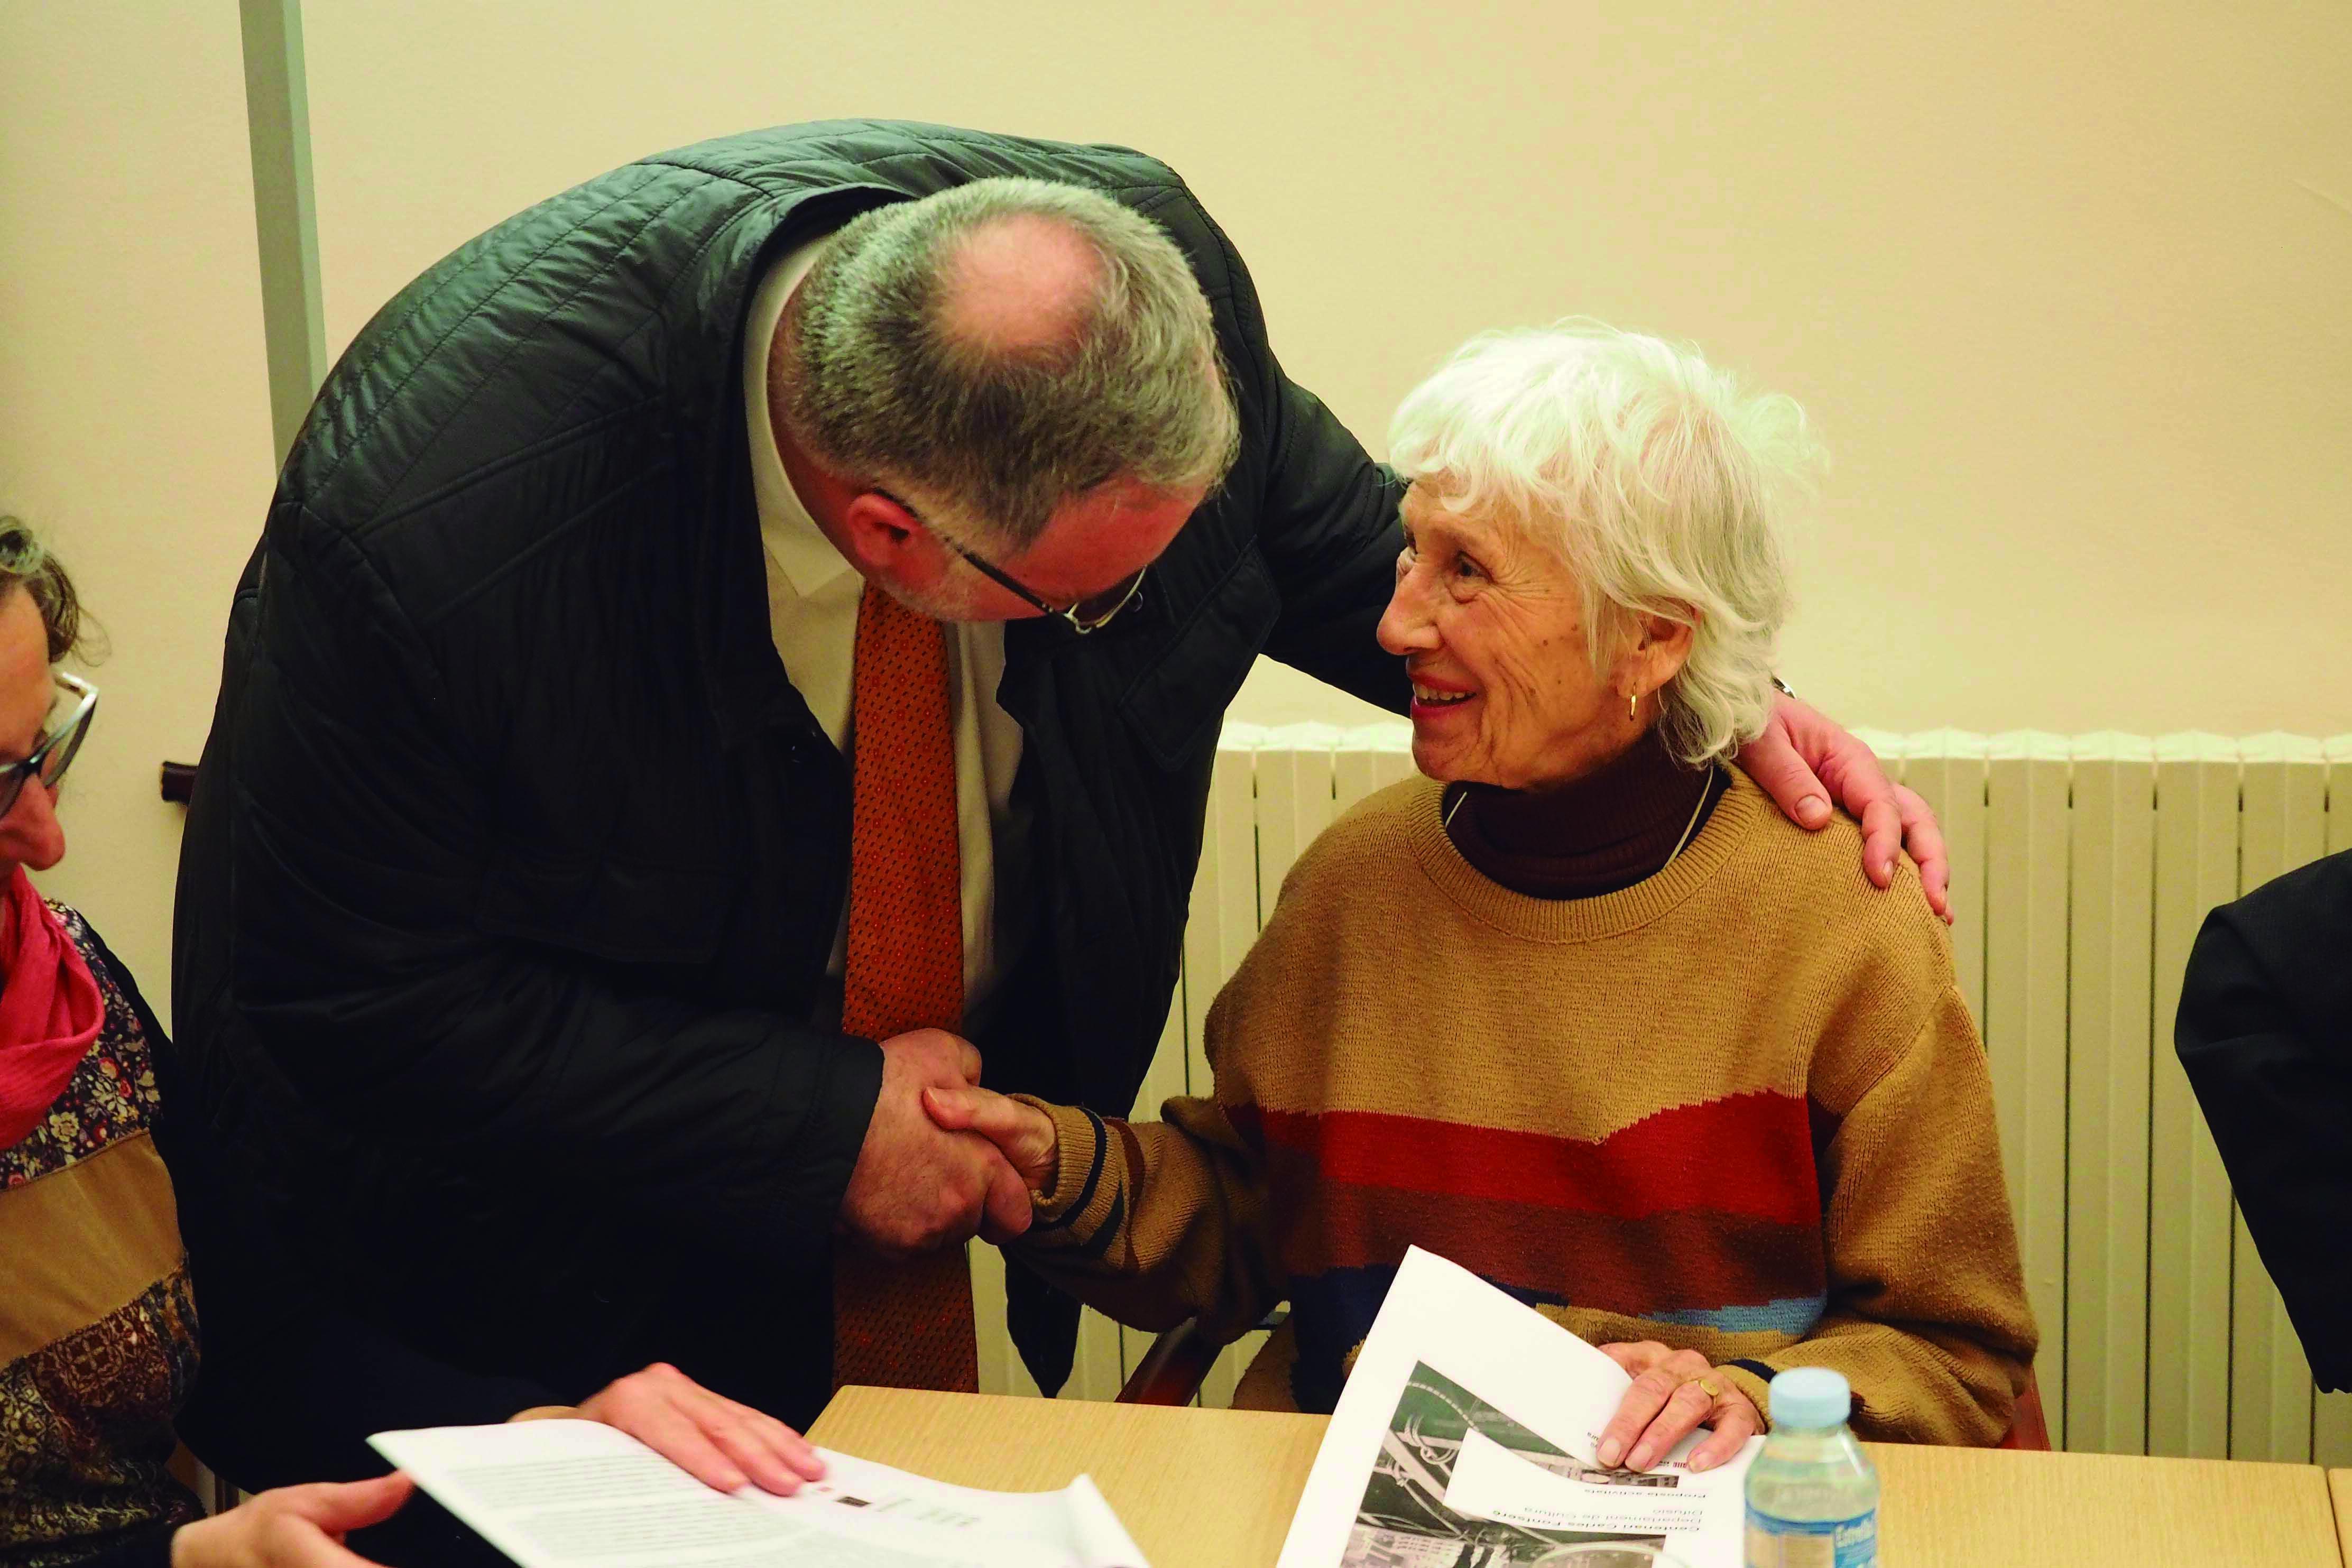 Reunió de treball del Centenari de Carles Fontserè als Serveis Territorials de Cultura a Girona. Foto: Pere Duran